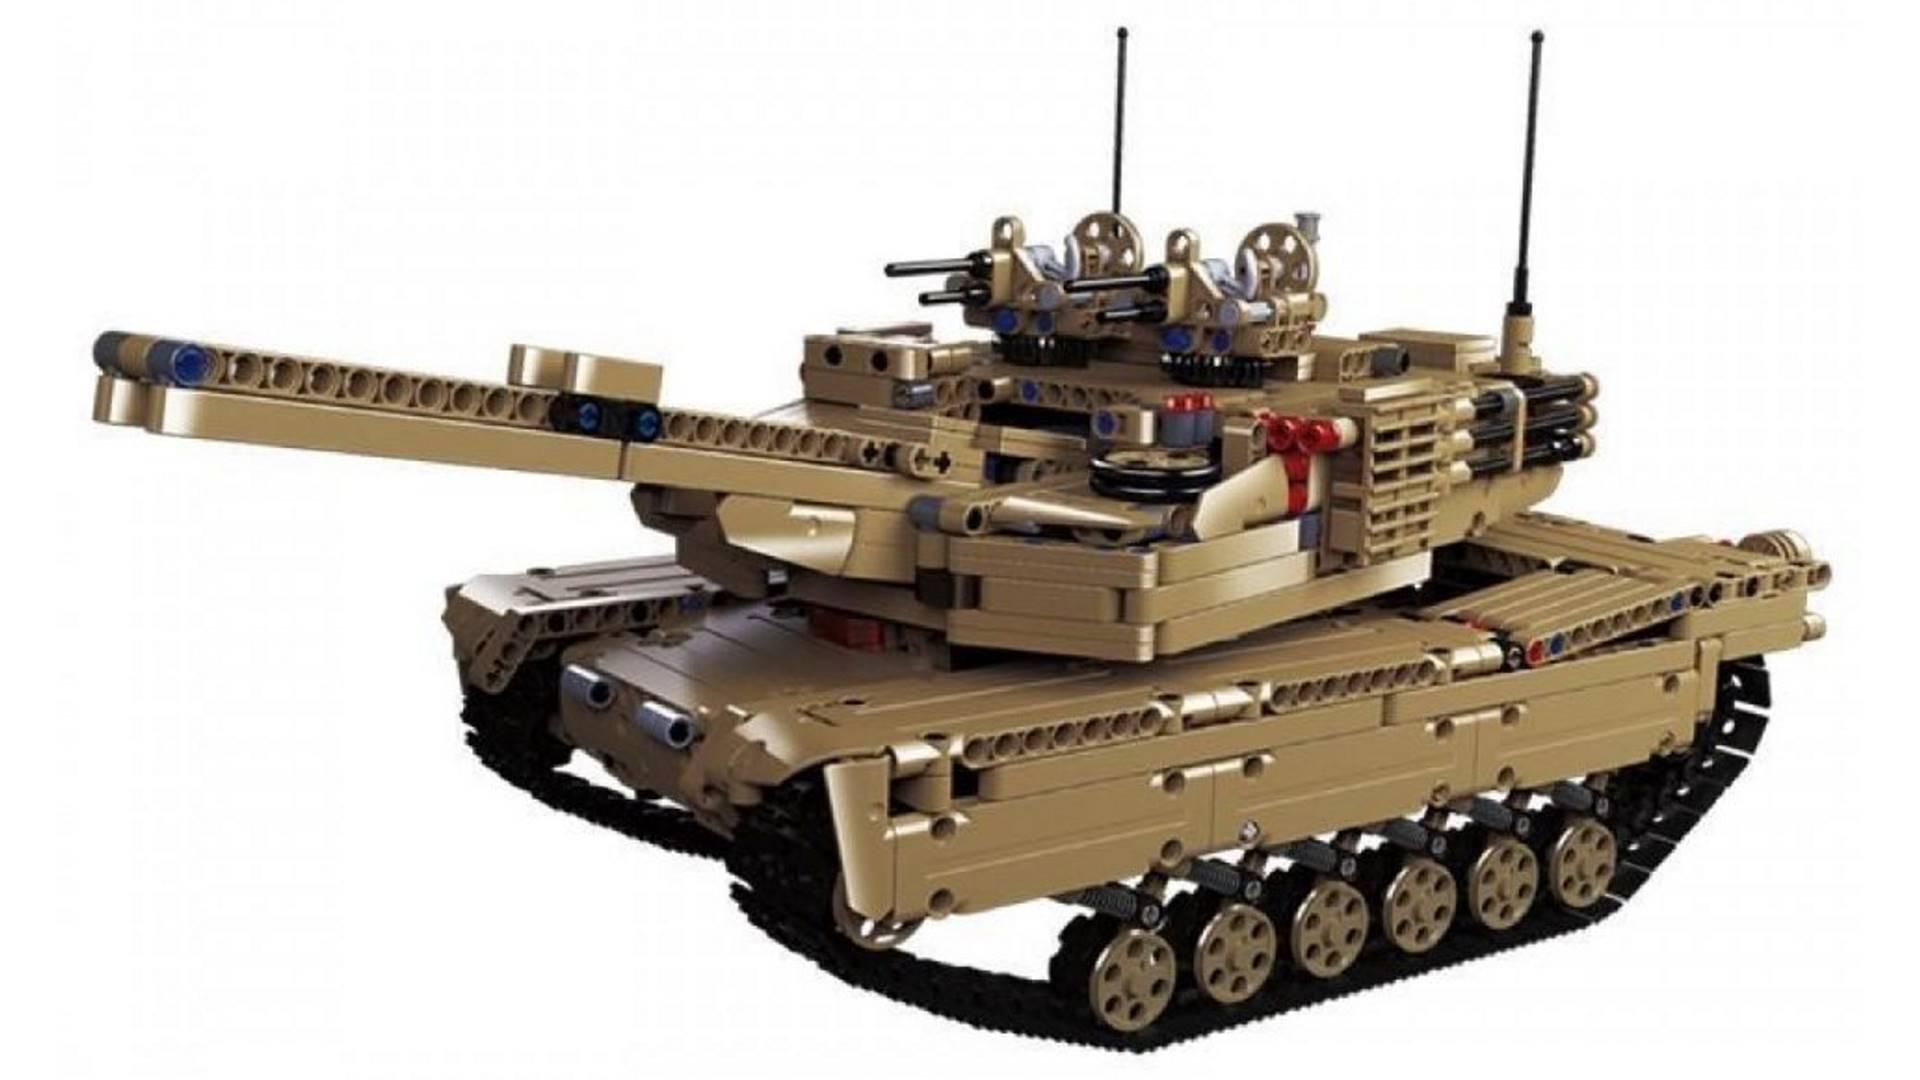 На иллюстрации изображён конструктор Lepin Techician в сборке с танковой башней